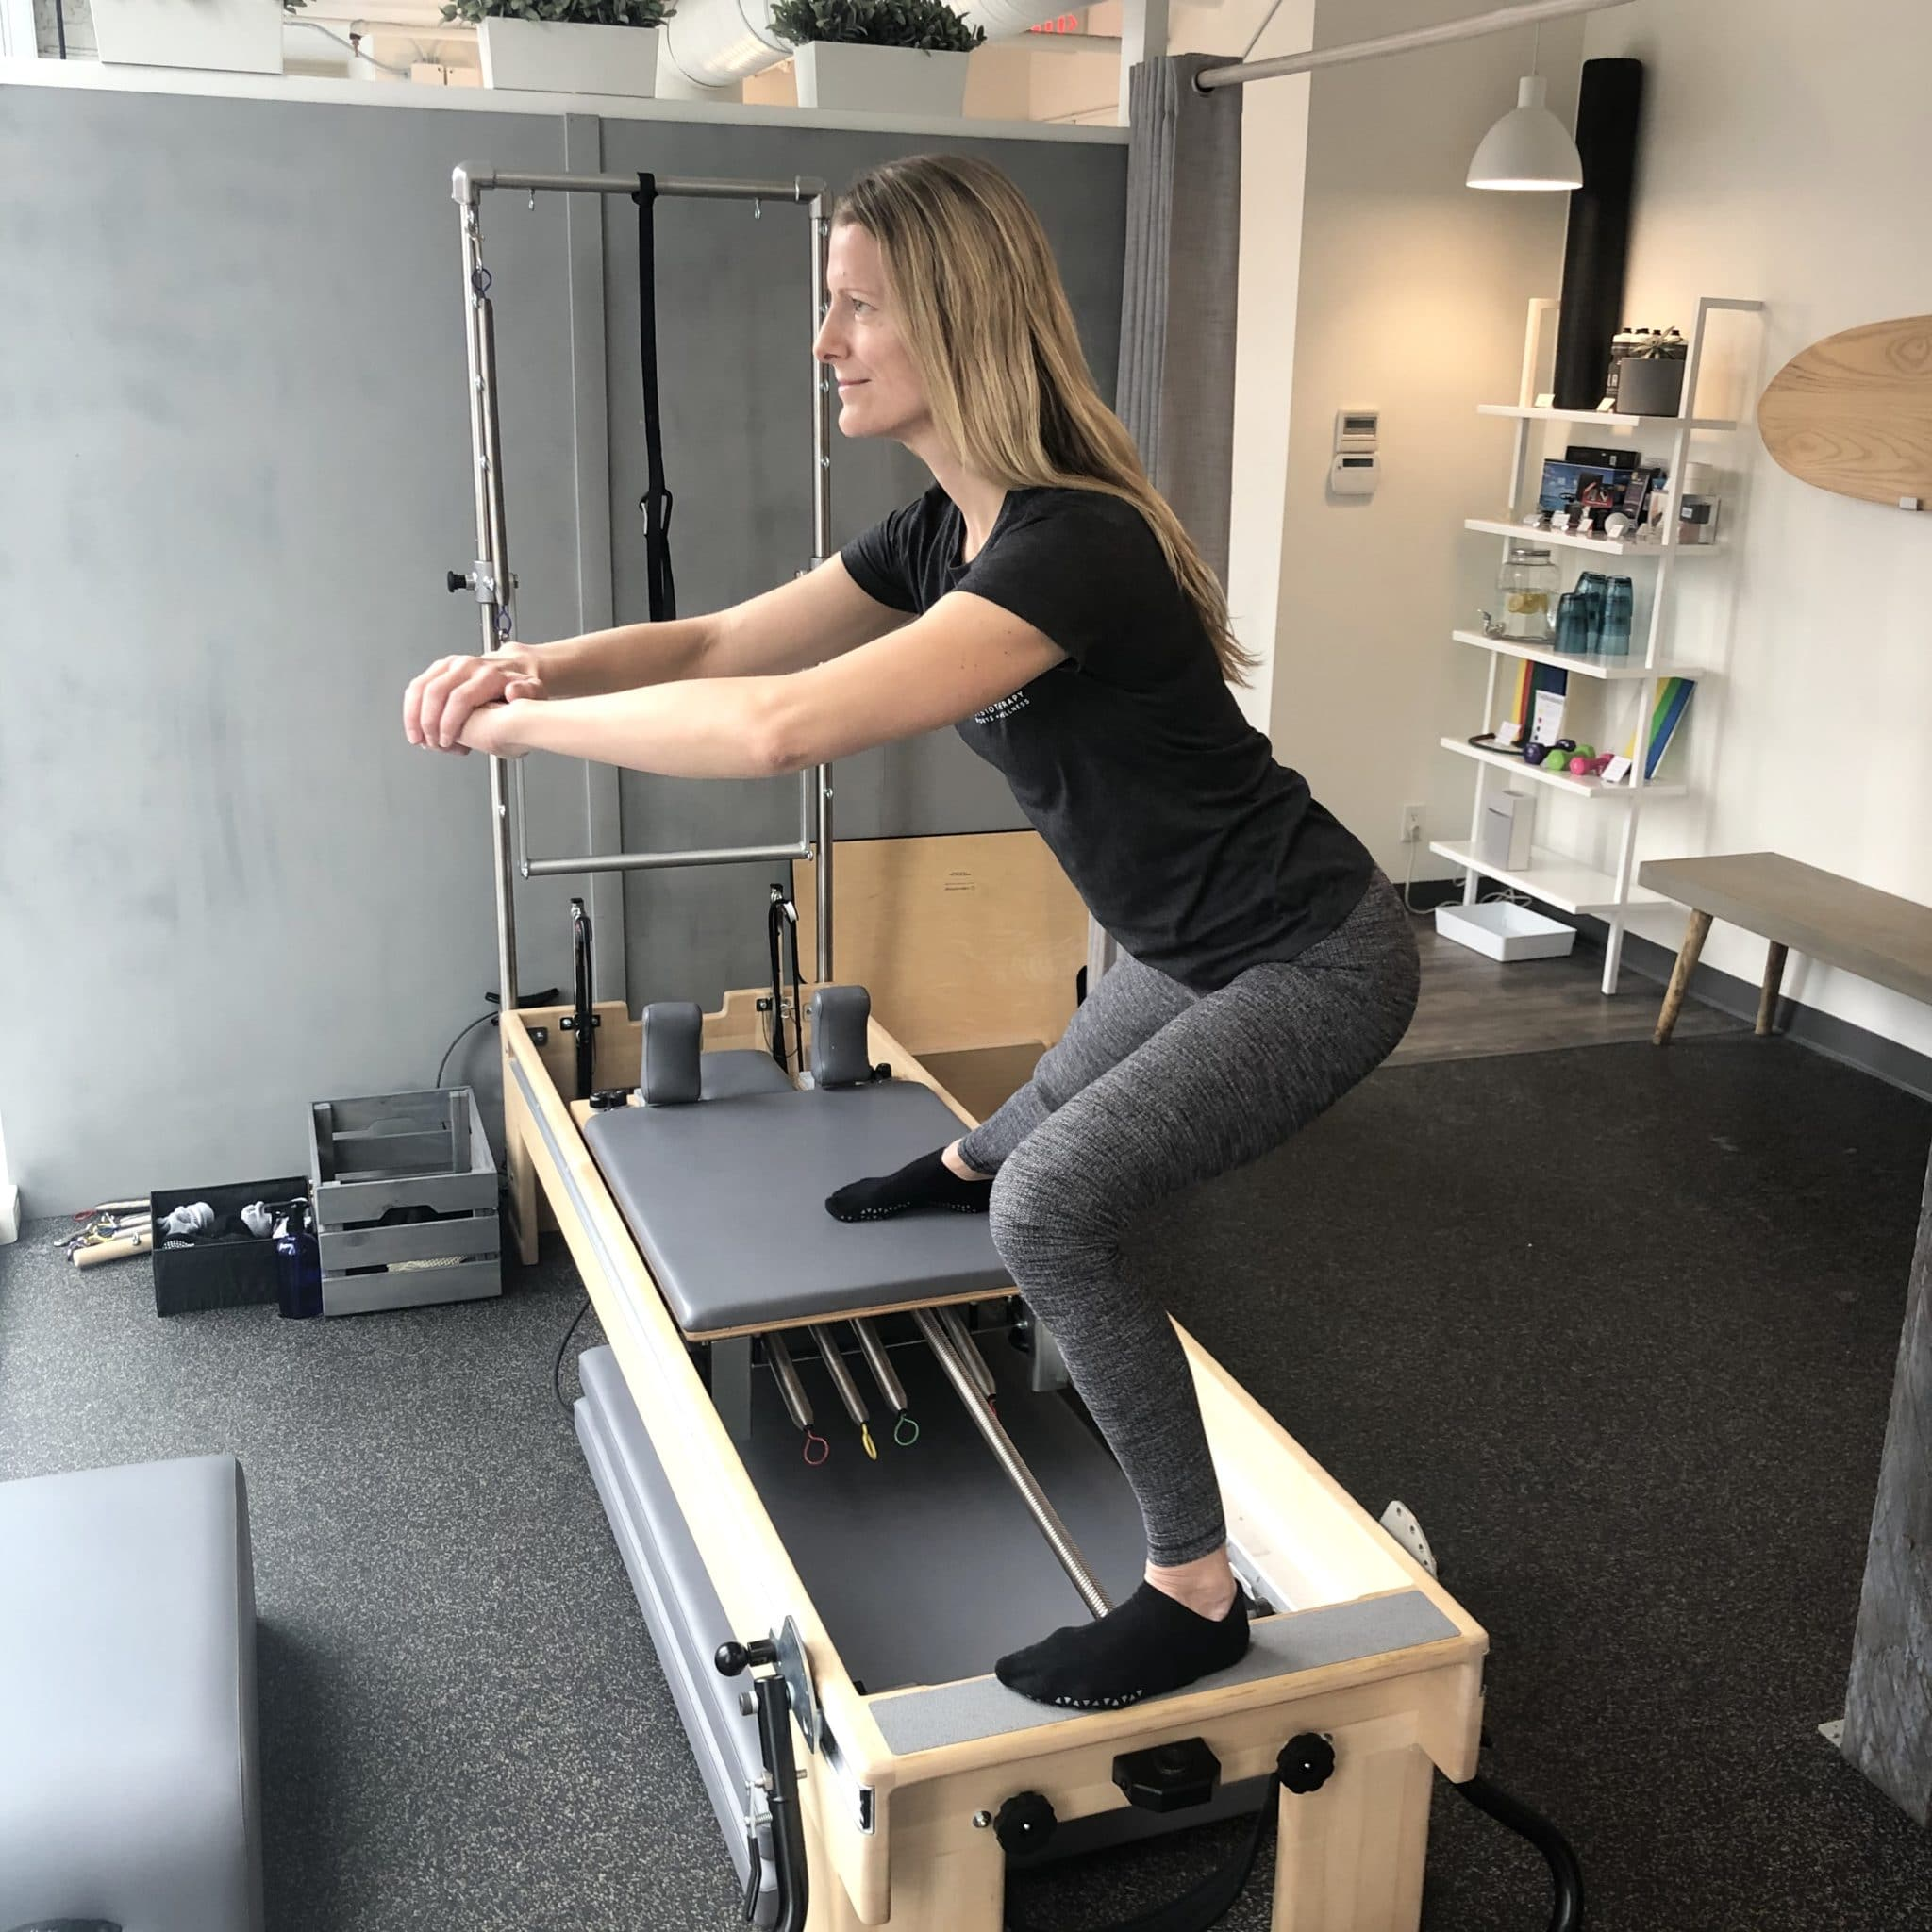 Pilates Exercise runners Skater squat